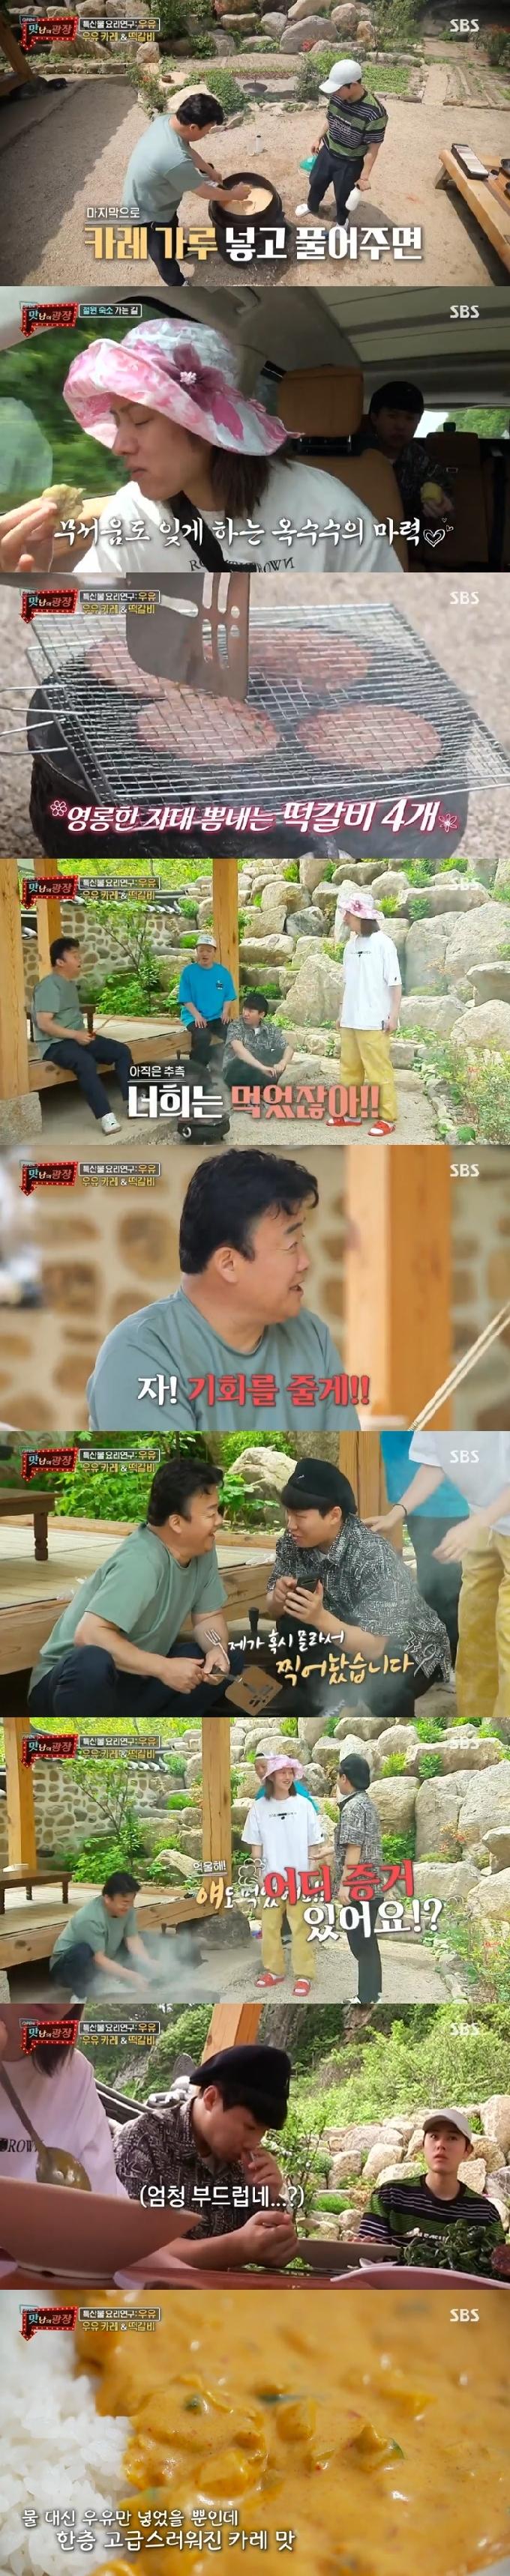 '맛남의 광장' 백종원, 우유 요리연구…카레부터 튀김까지 '놀라운 맛'(종합)